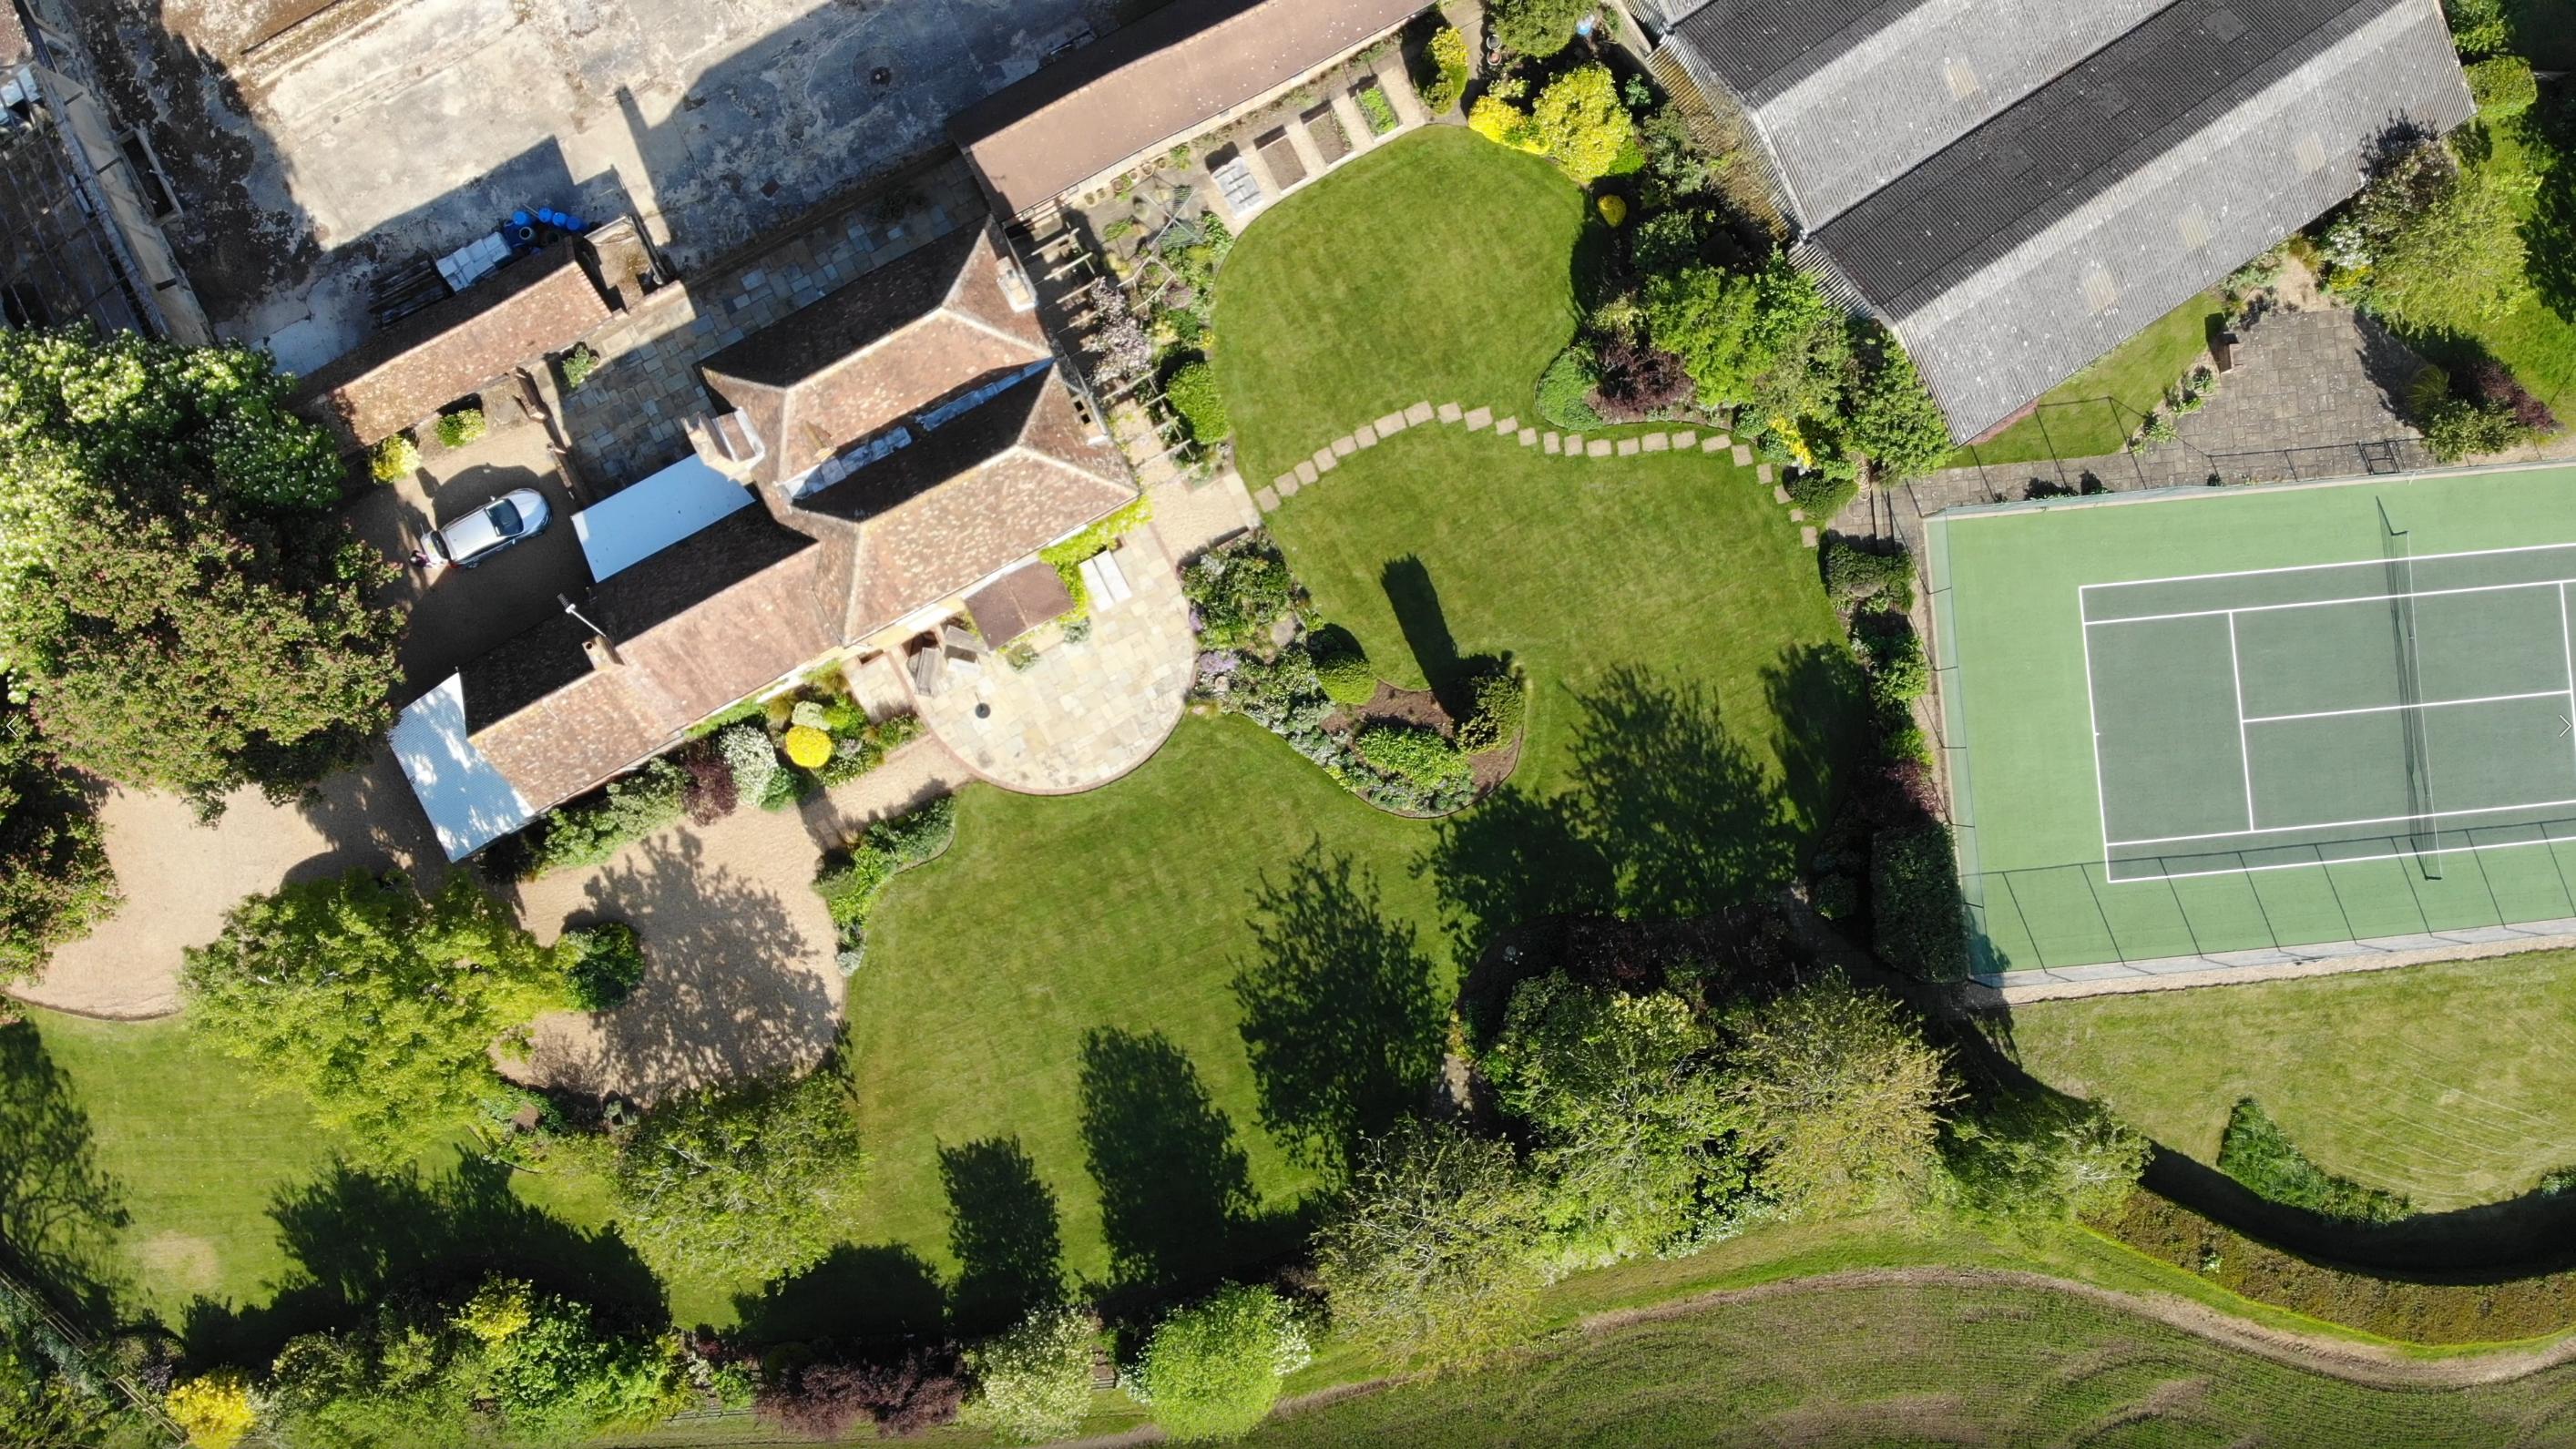 Birds eye view of The Gardens at Polehanger Outdoor Venue